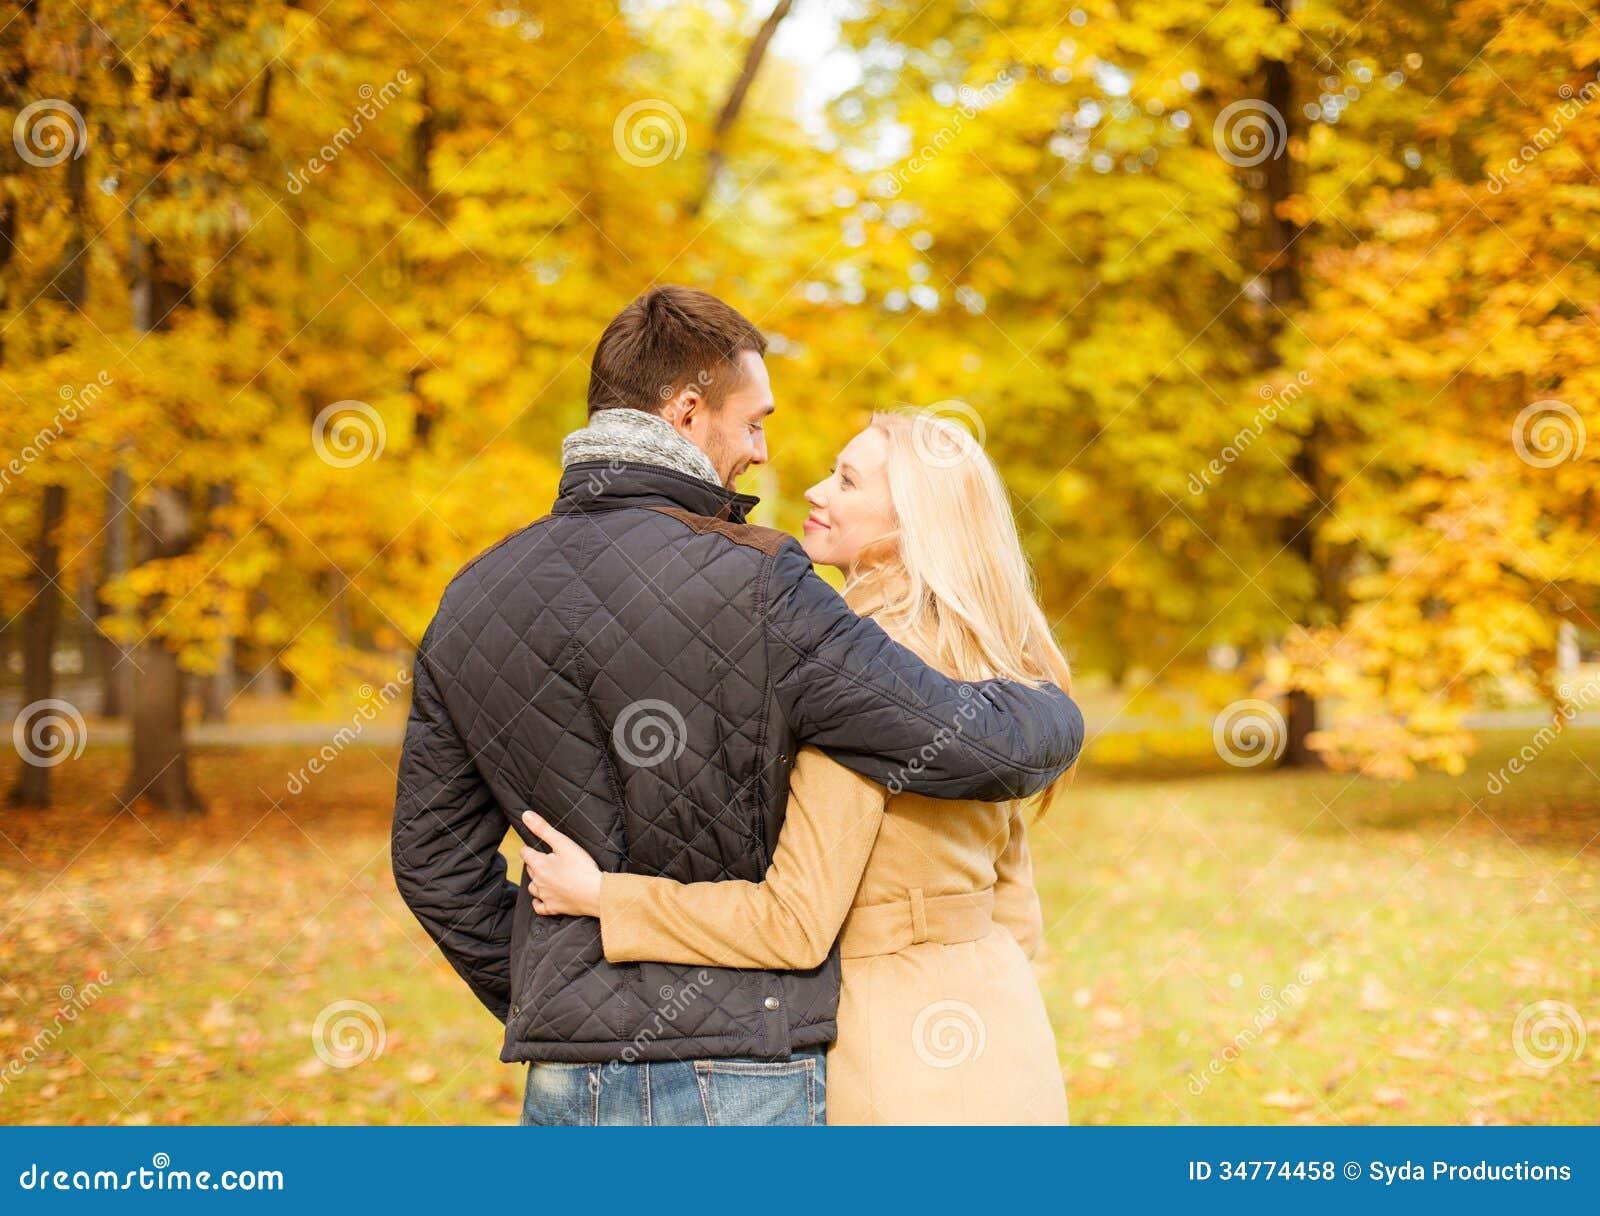 Ρομαντικό φίλημα ζευγών στο πάρκο φθινοπώρου